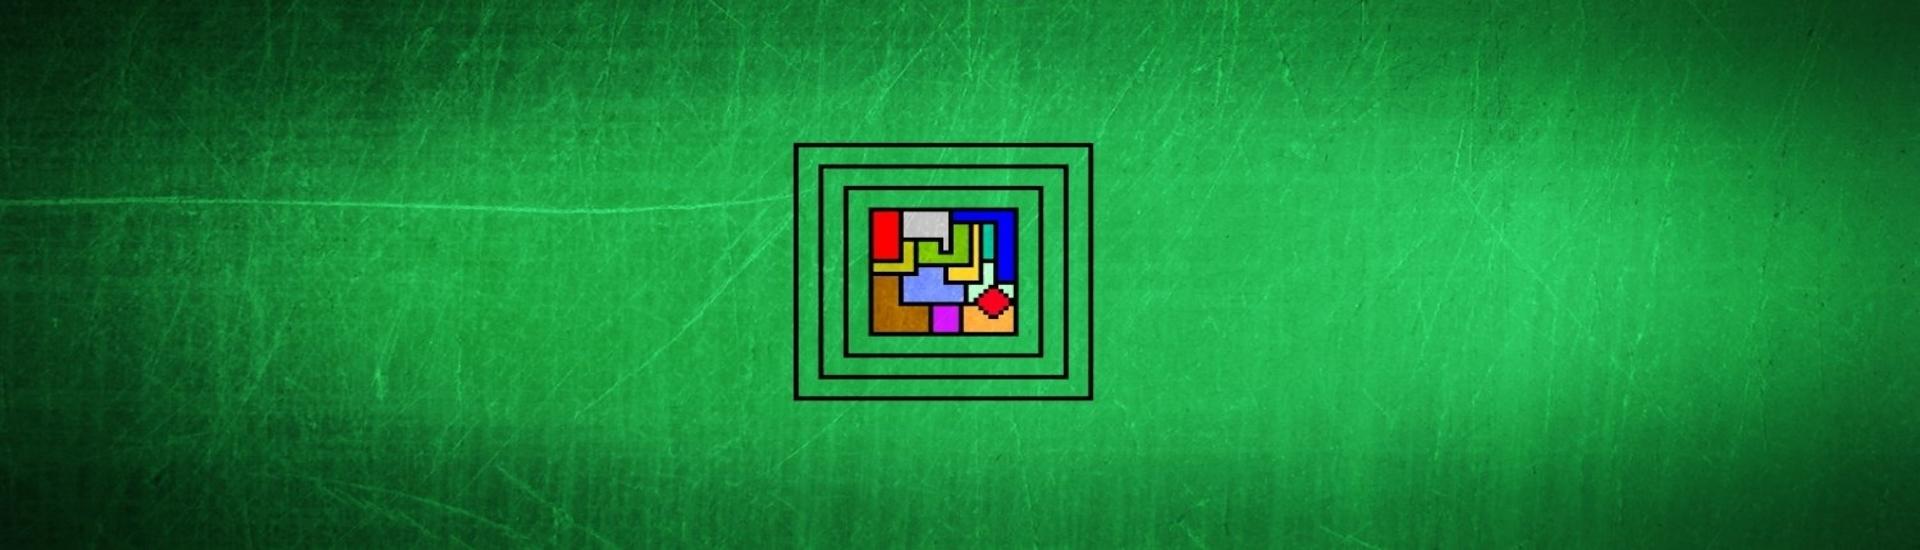 Diegovz01 cover